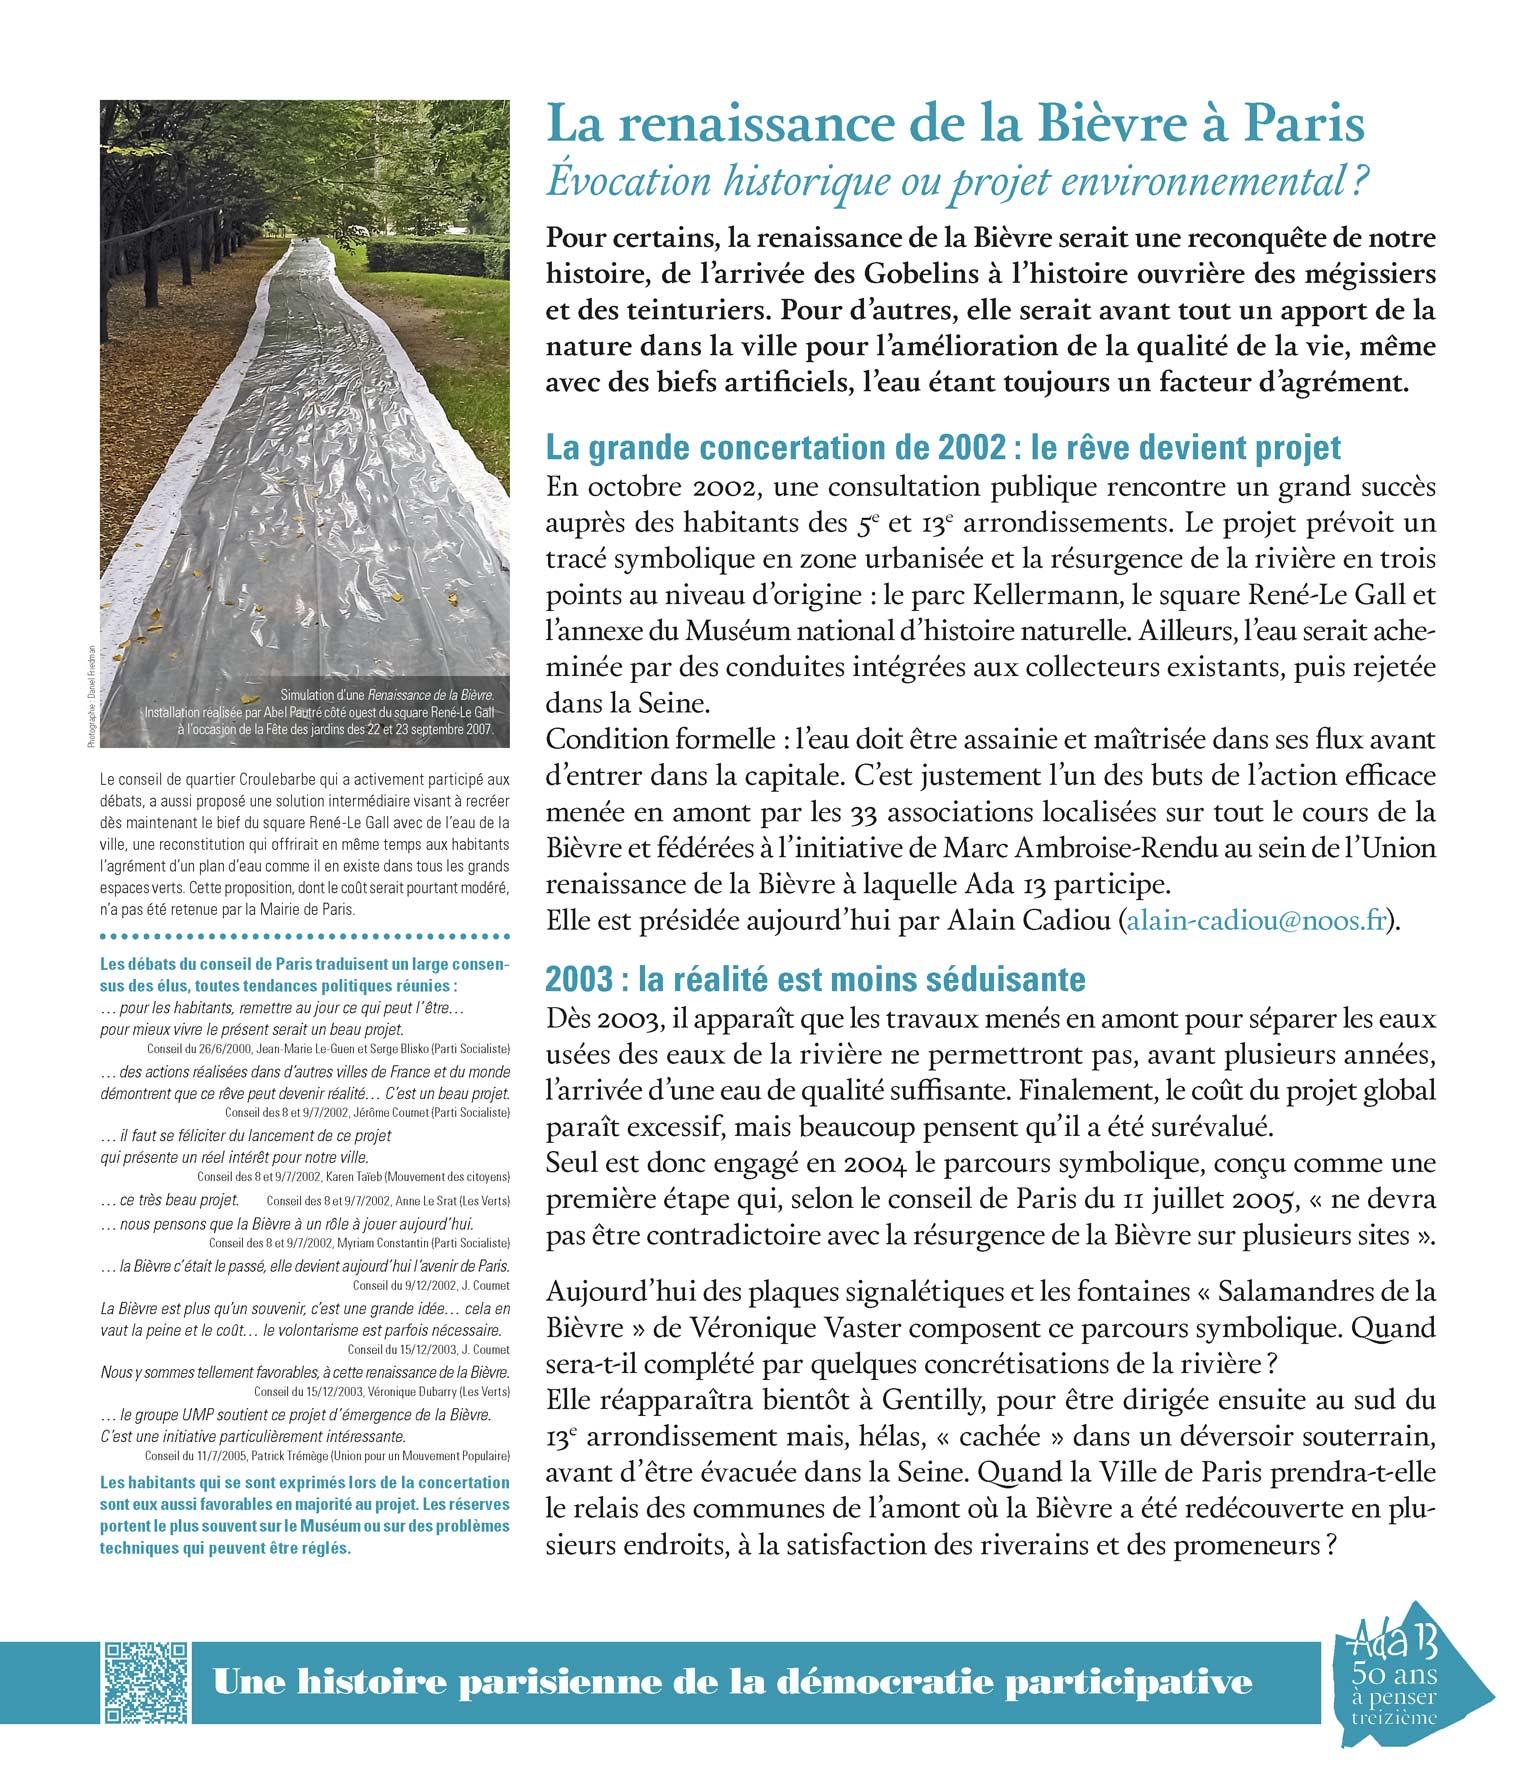 Panneau d'exposition | La renaissance de la Bièvre à Paris. Évocation historique ou projet environnemental?